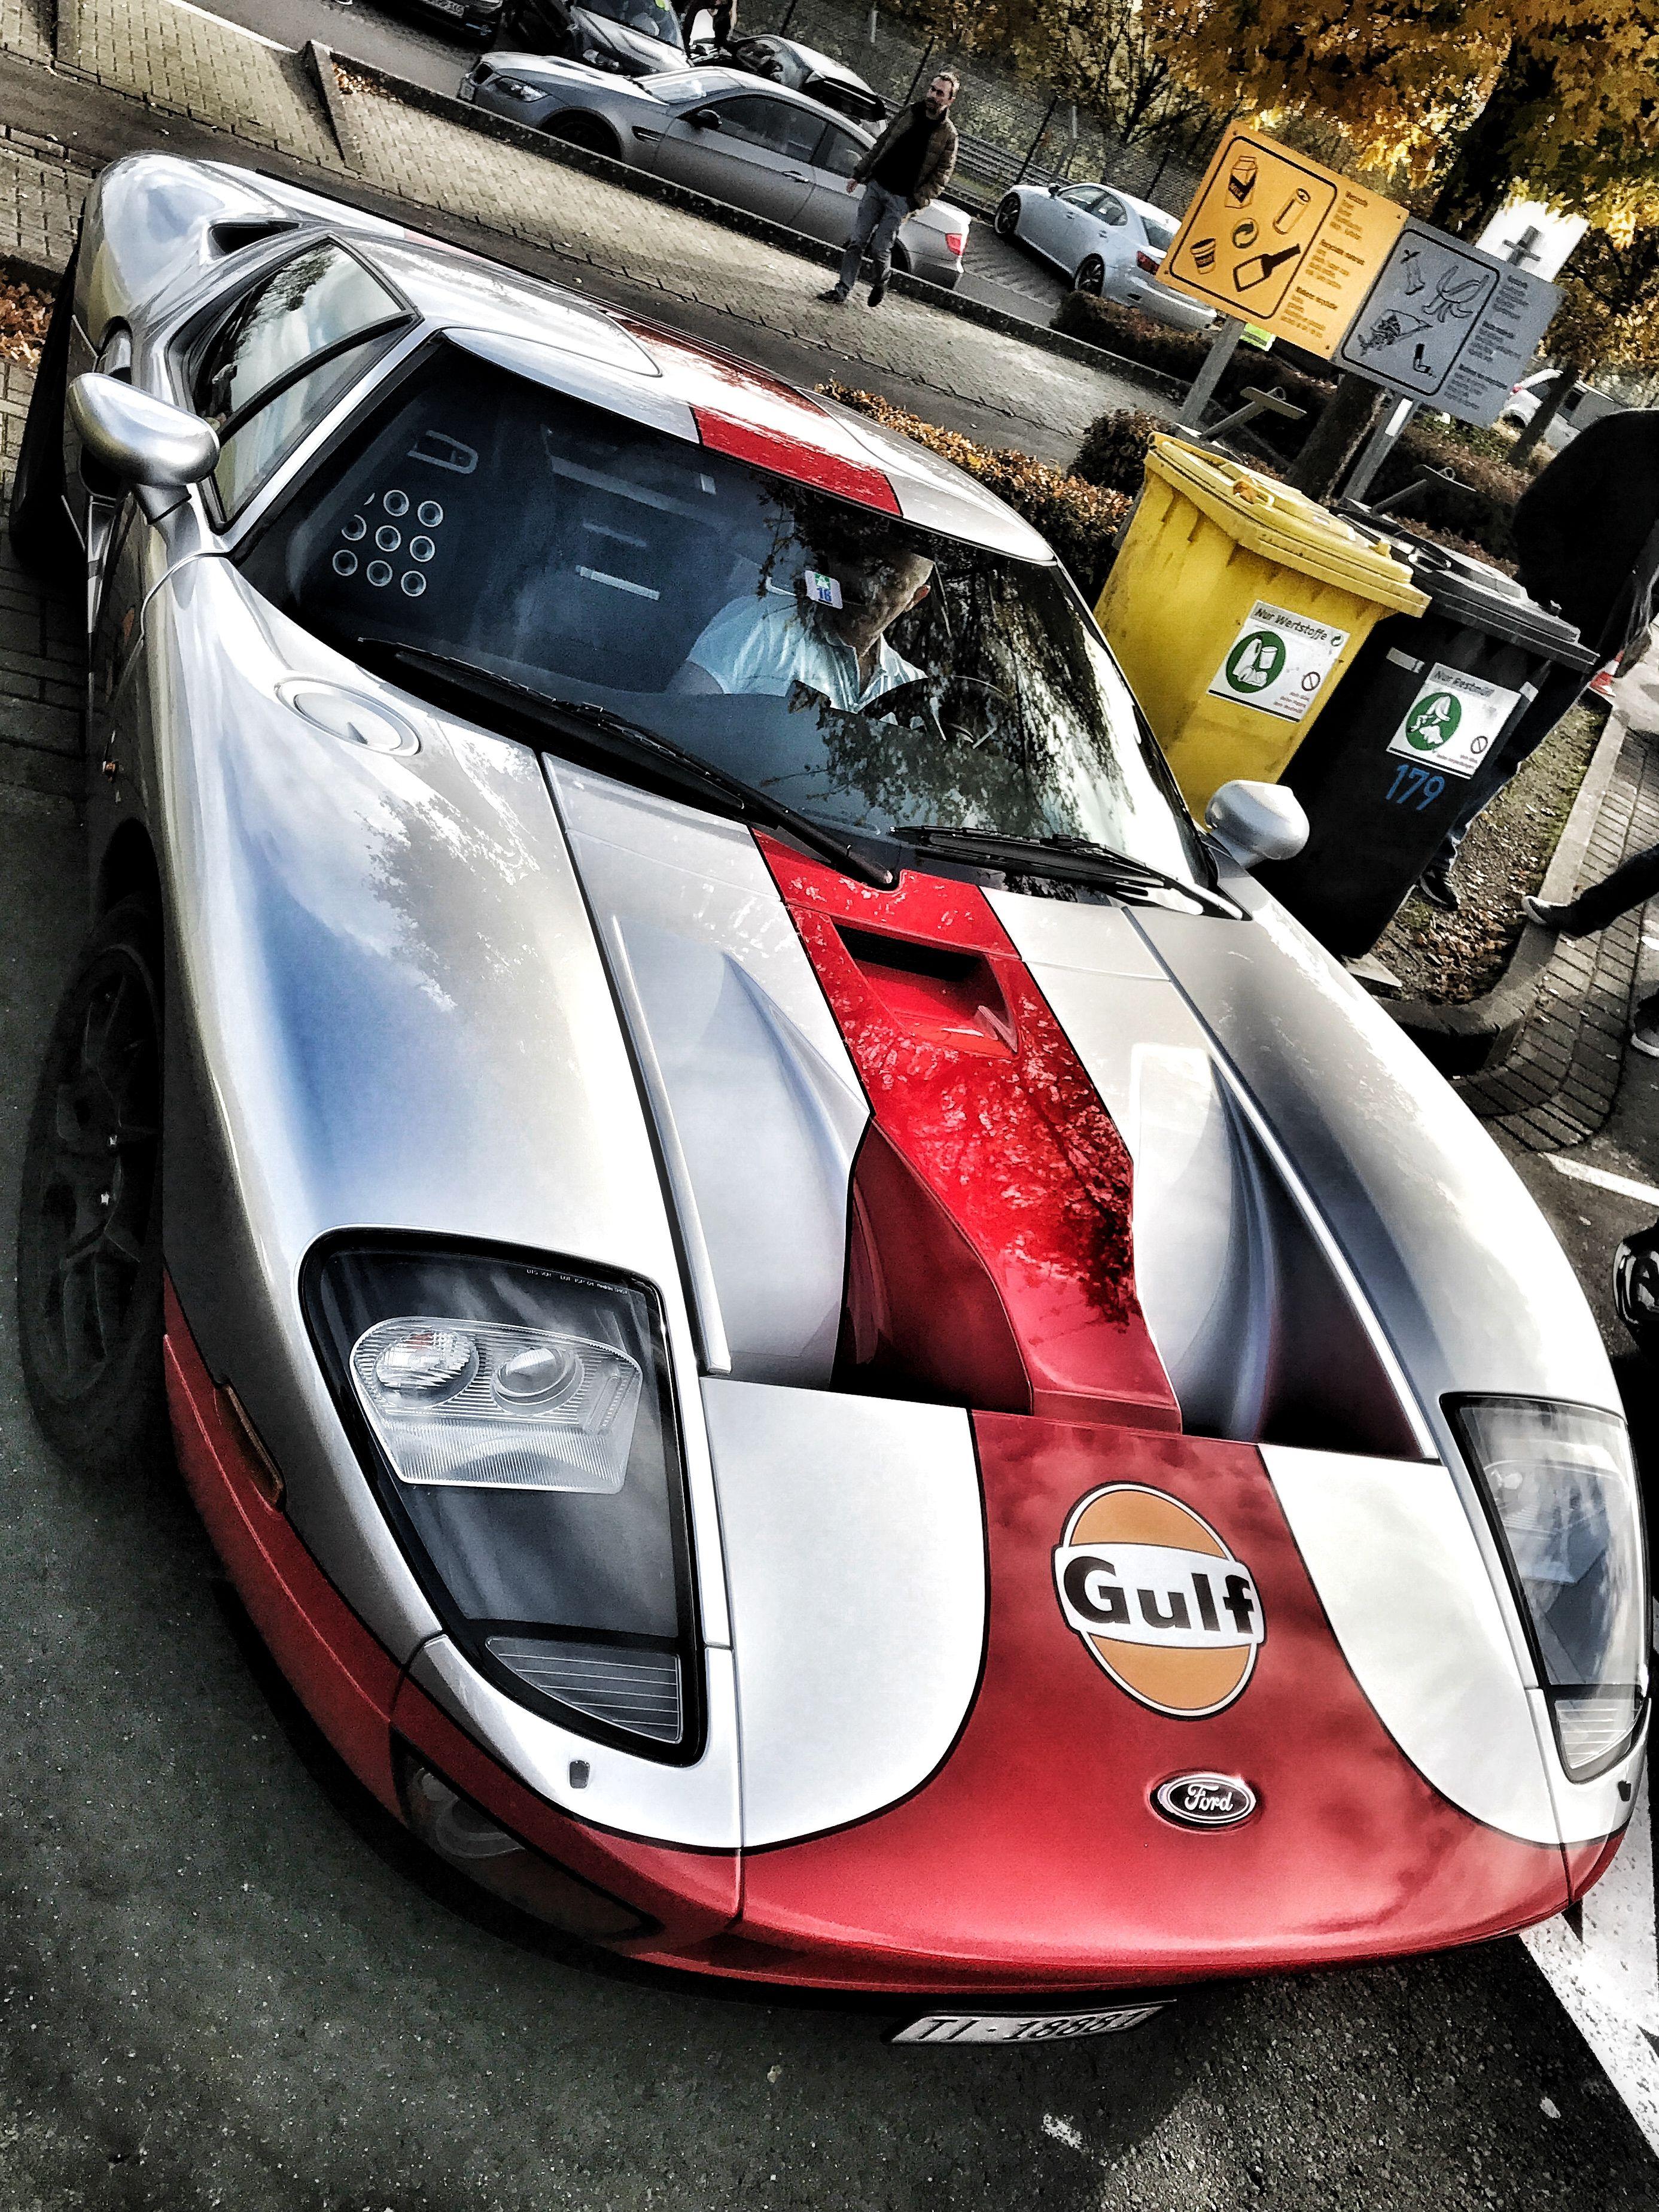 Ford Gt Nurburgring